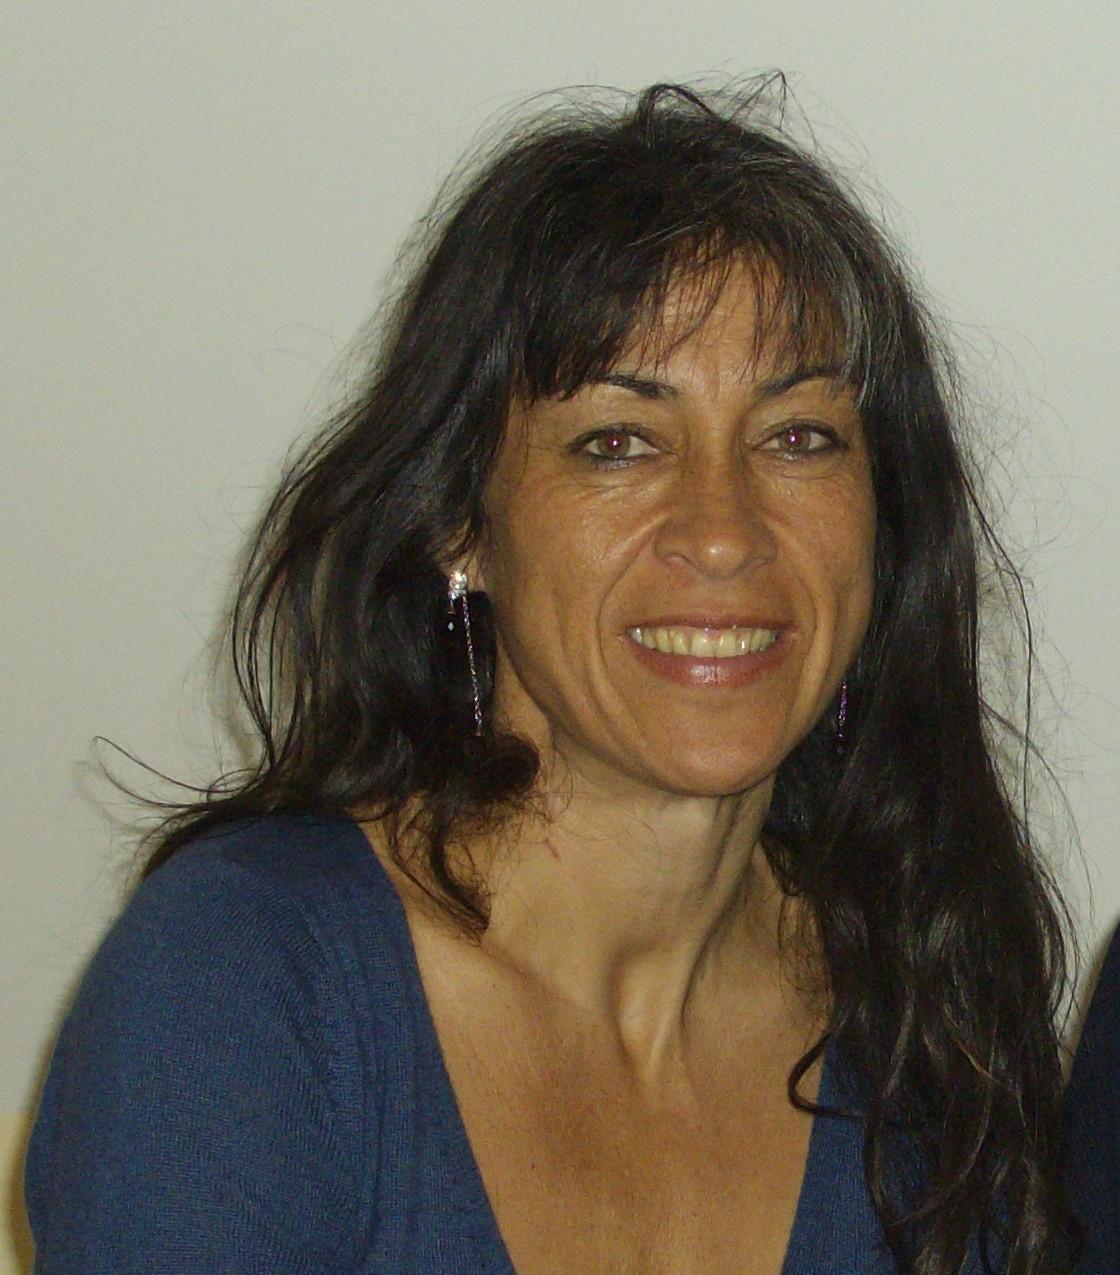 Hannah Sembély